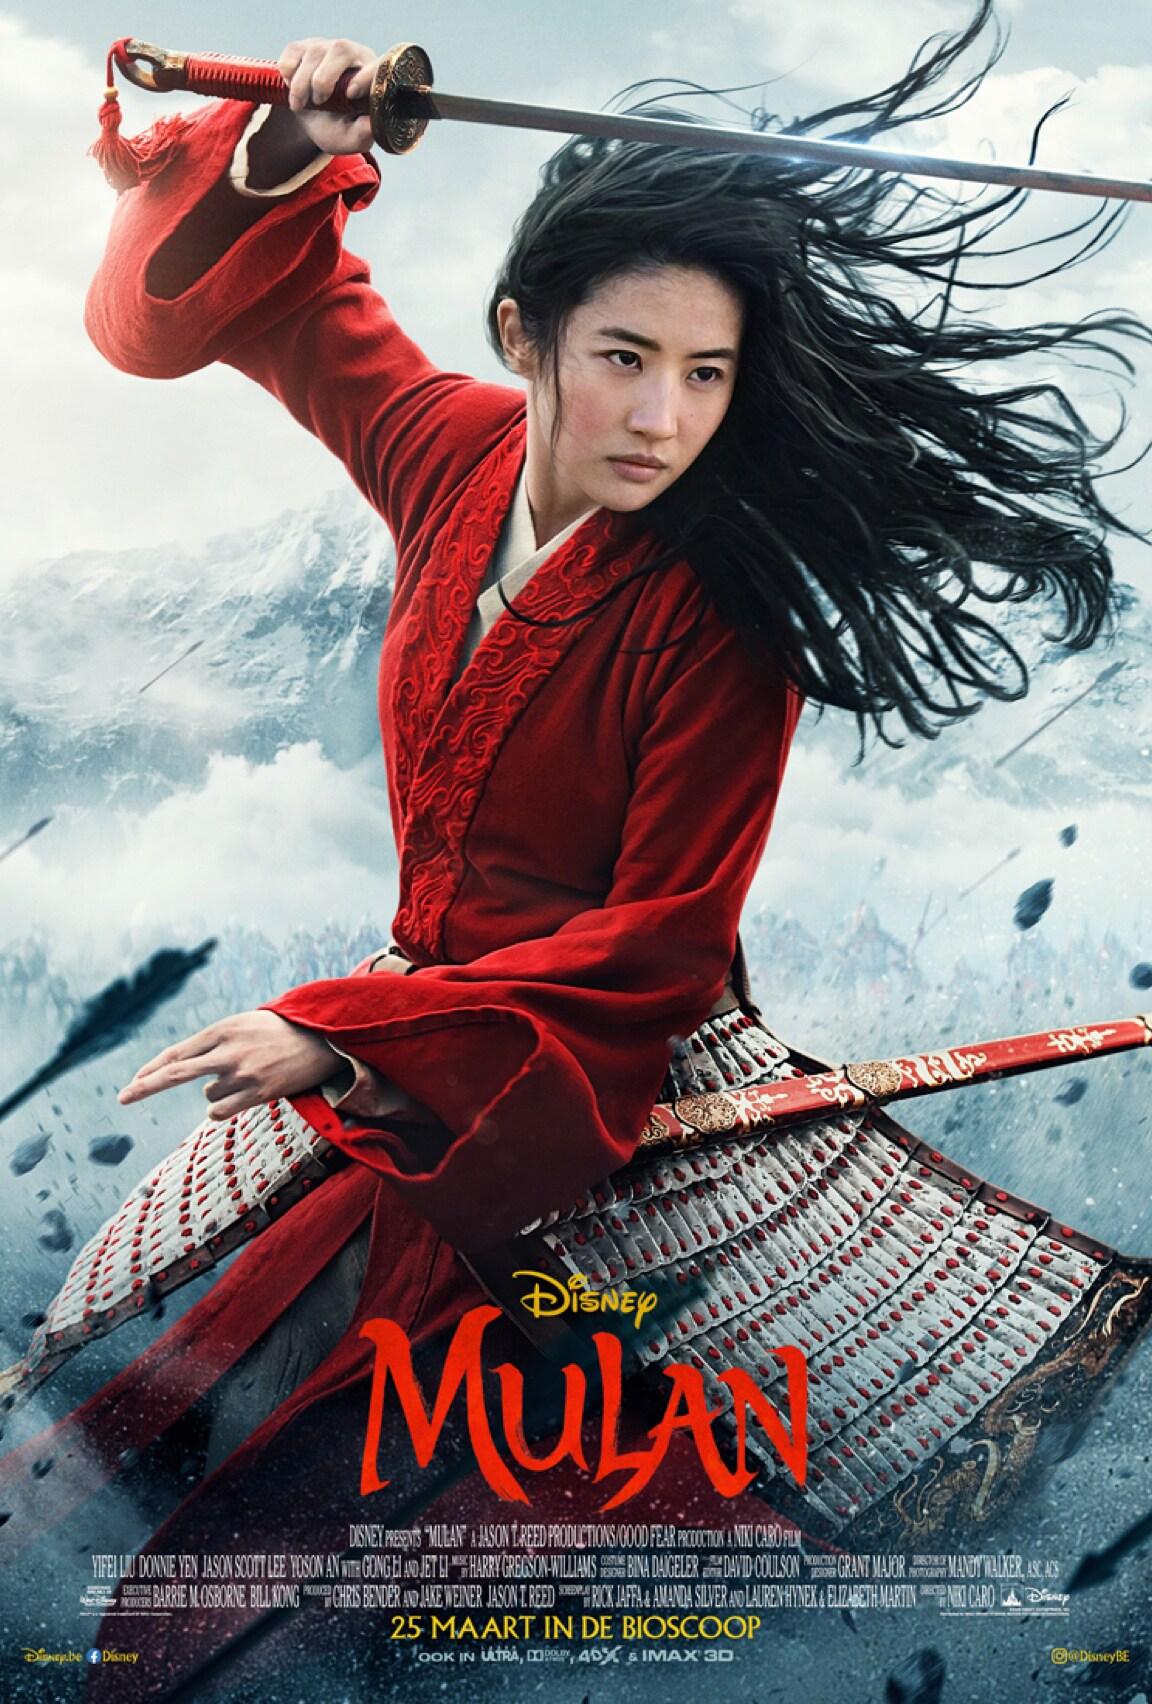 Mulan zwaait met een zwaard tegen een rokerige achtergrond